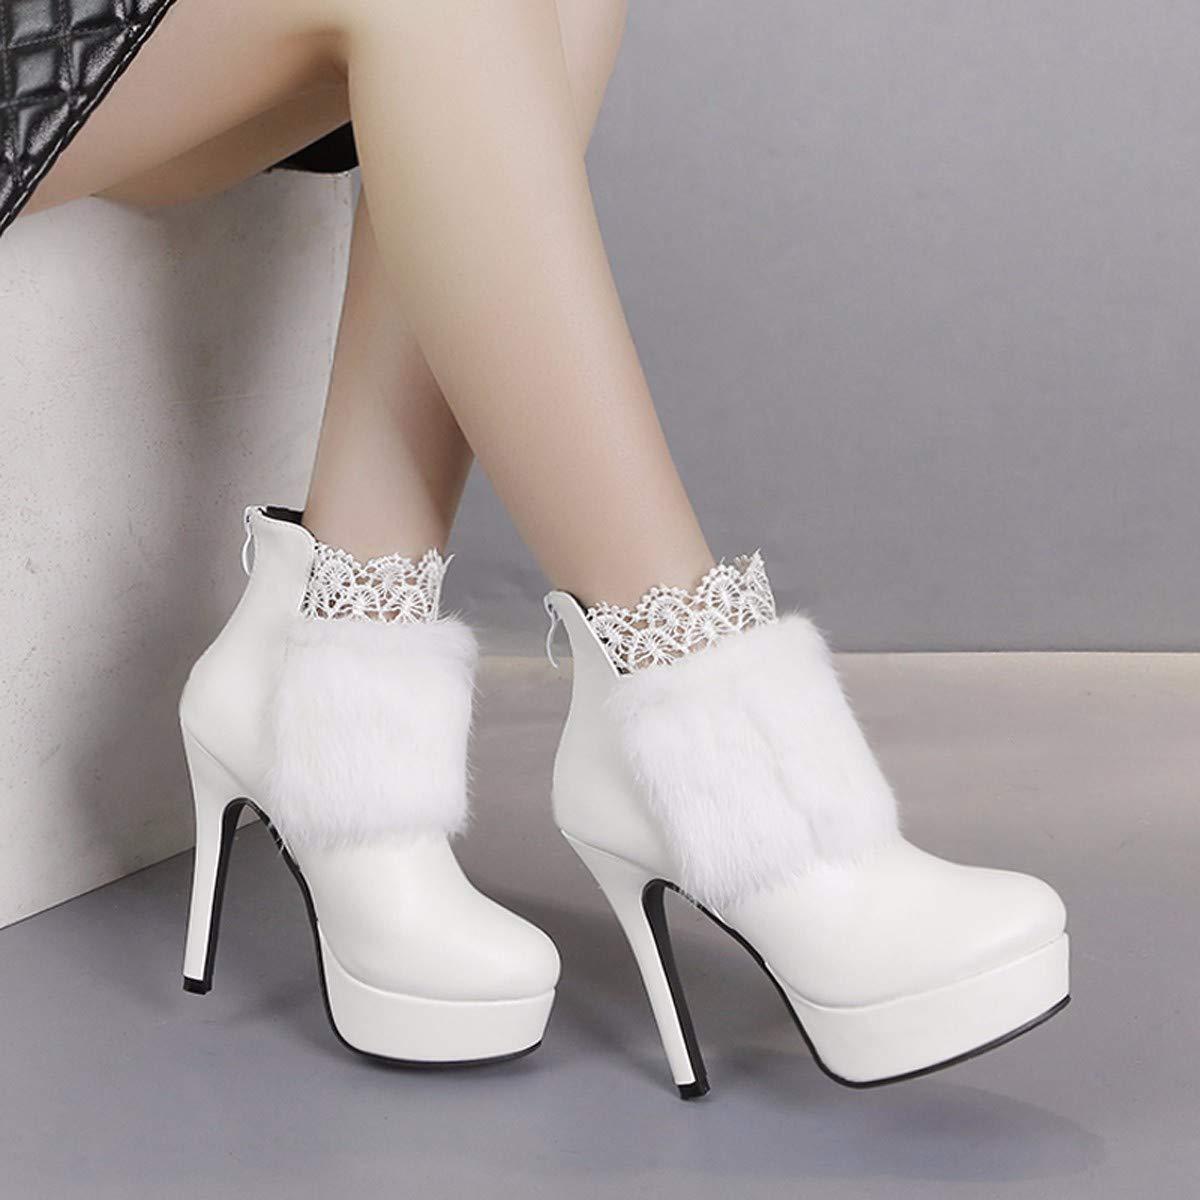 alta qualità generale Super Donna da Scarpe KPHY High Heel